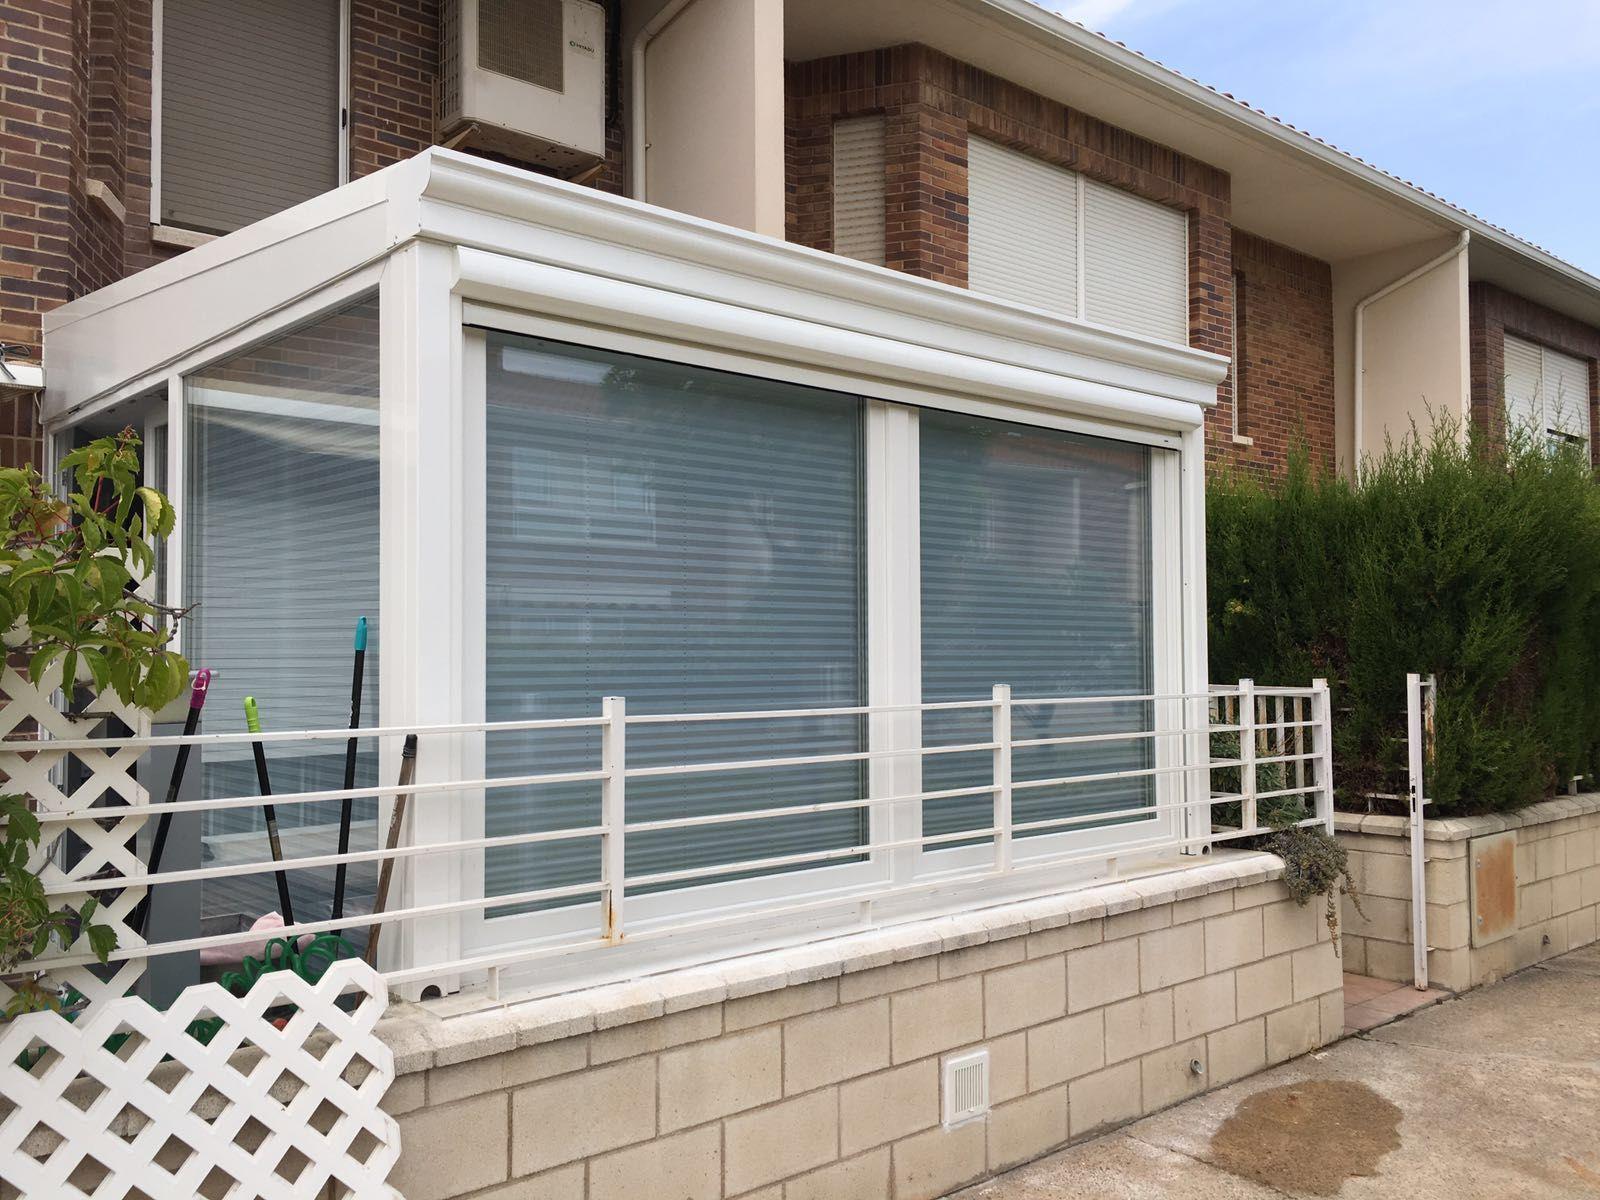 Cerramientos servicios de vidrio canal - Cerramientos plegables de vidrio ...